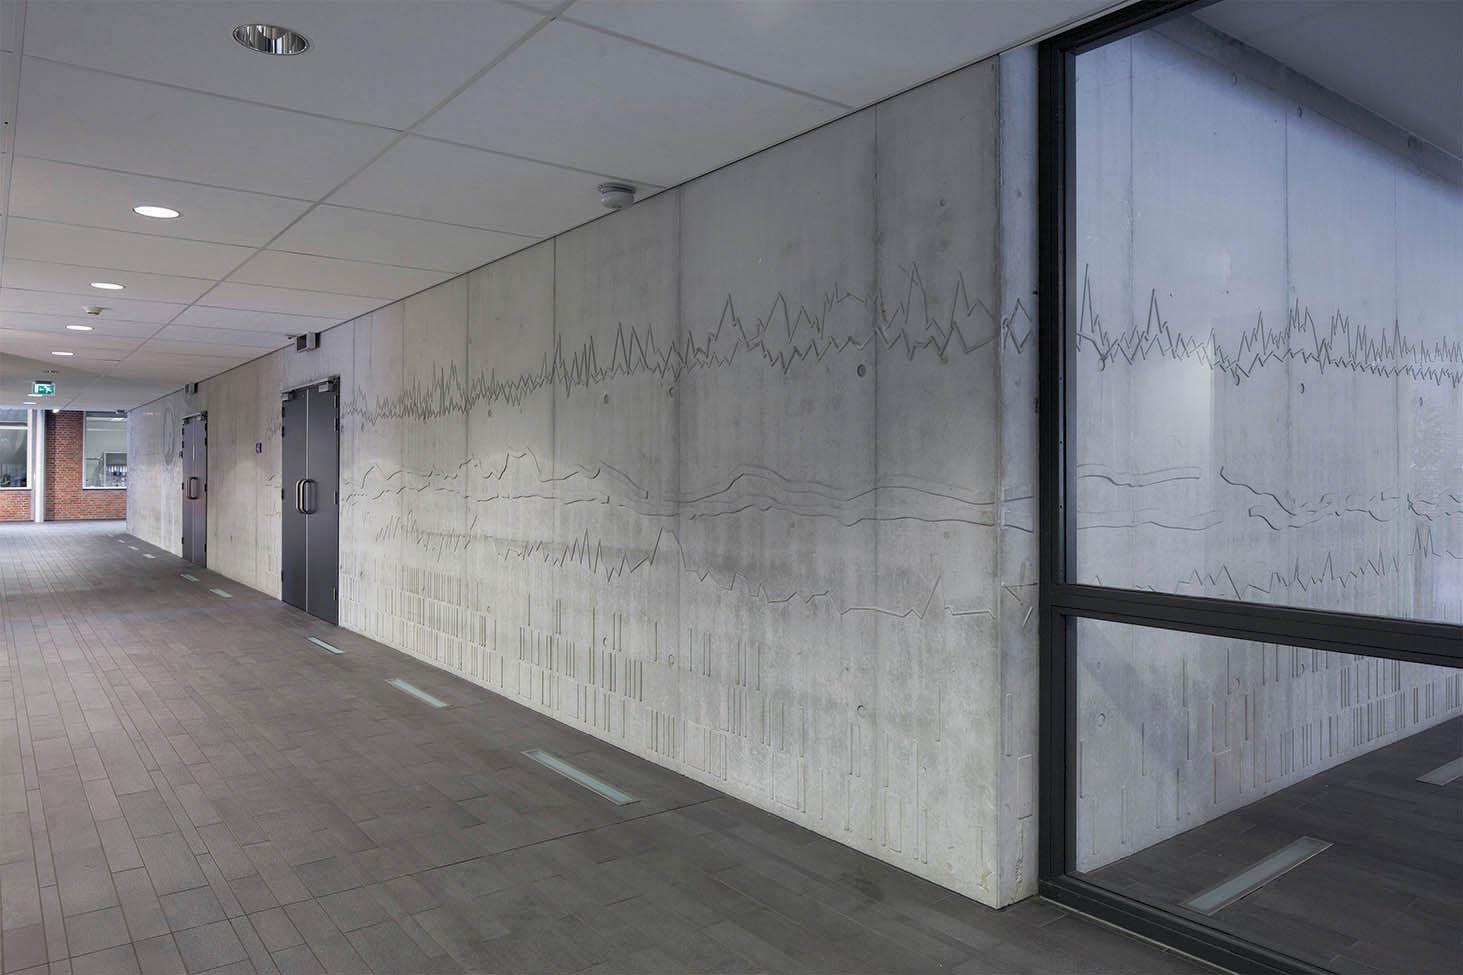 UMC_Groningen_05